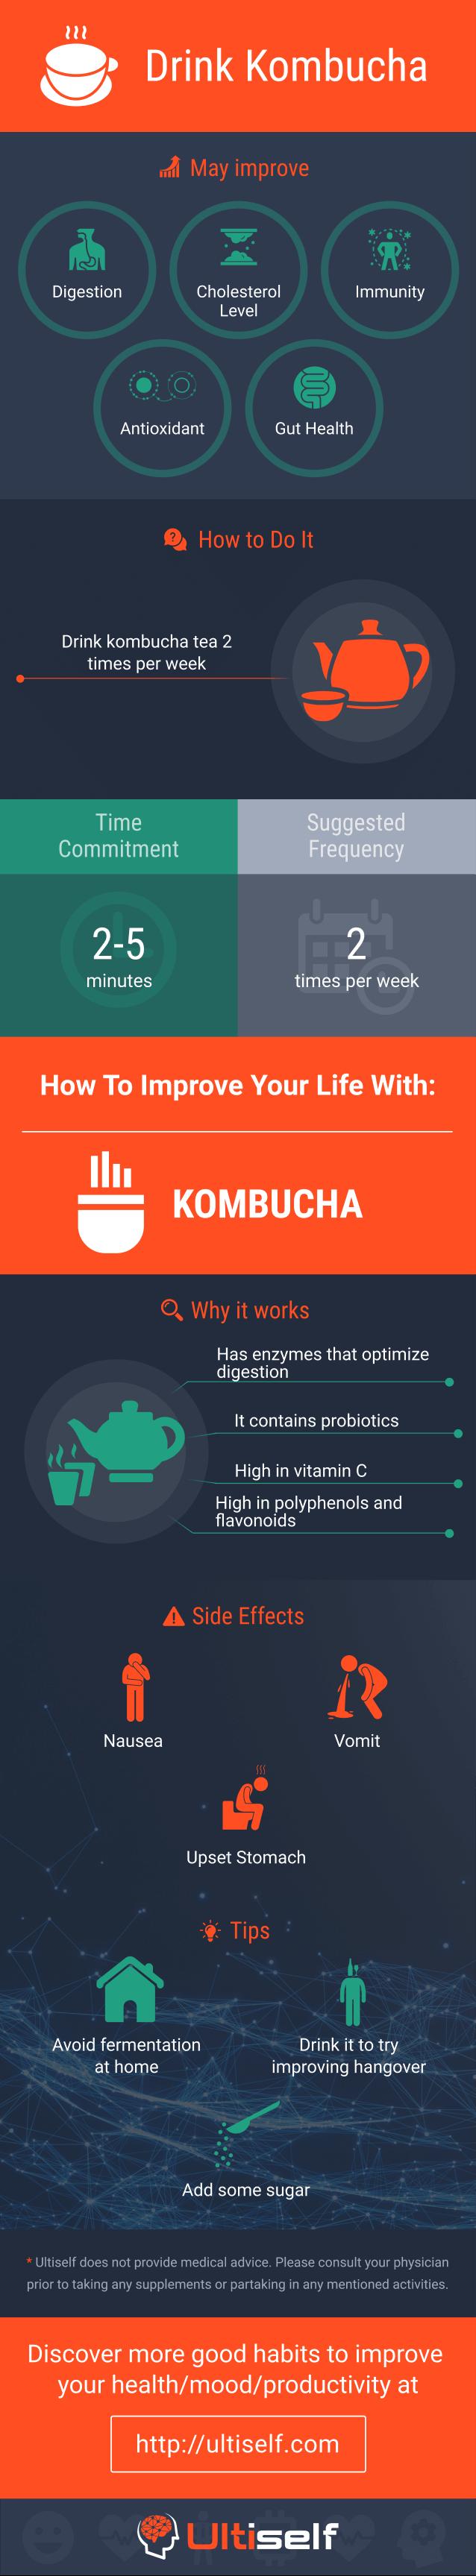 Drink Kombucha infographic